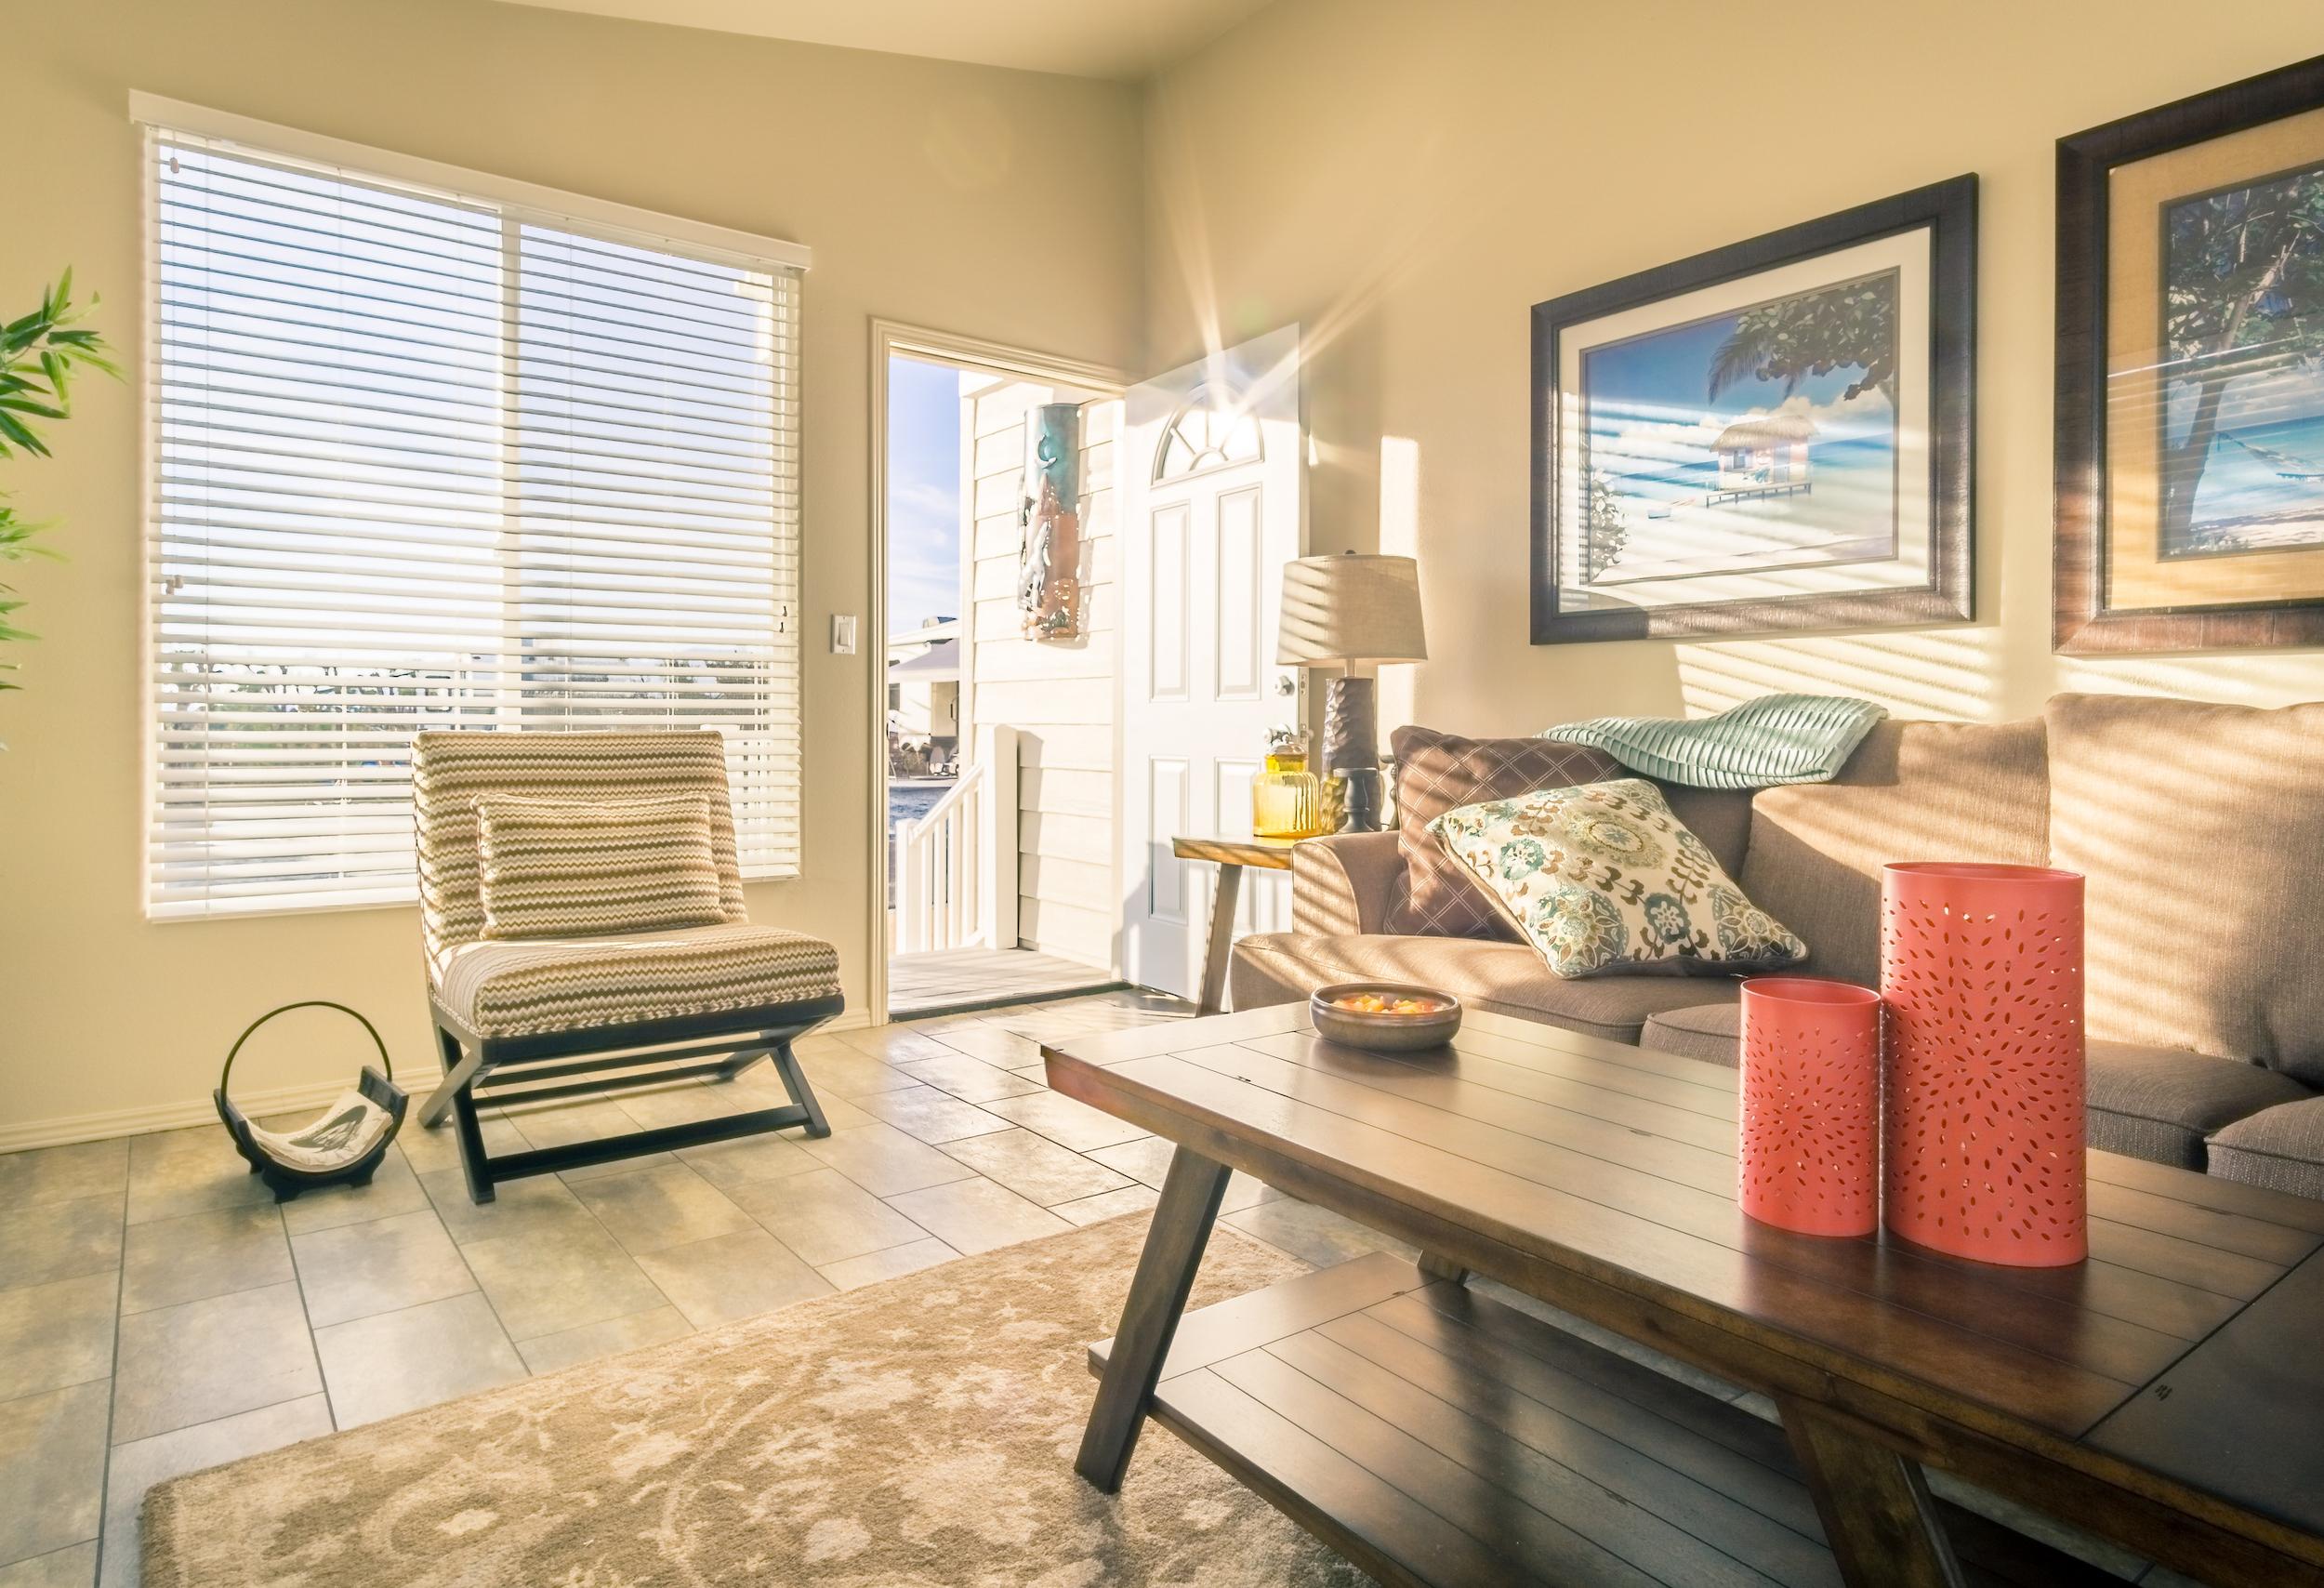 chalet-interior-sun-streaming-throgh-door.jpg